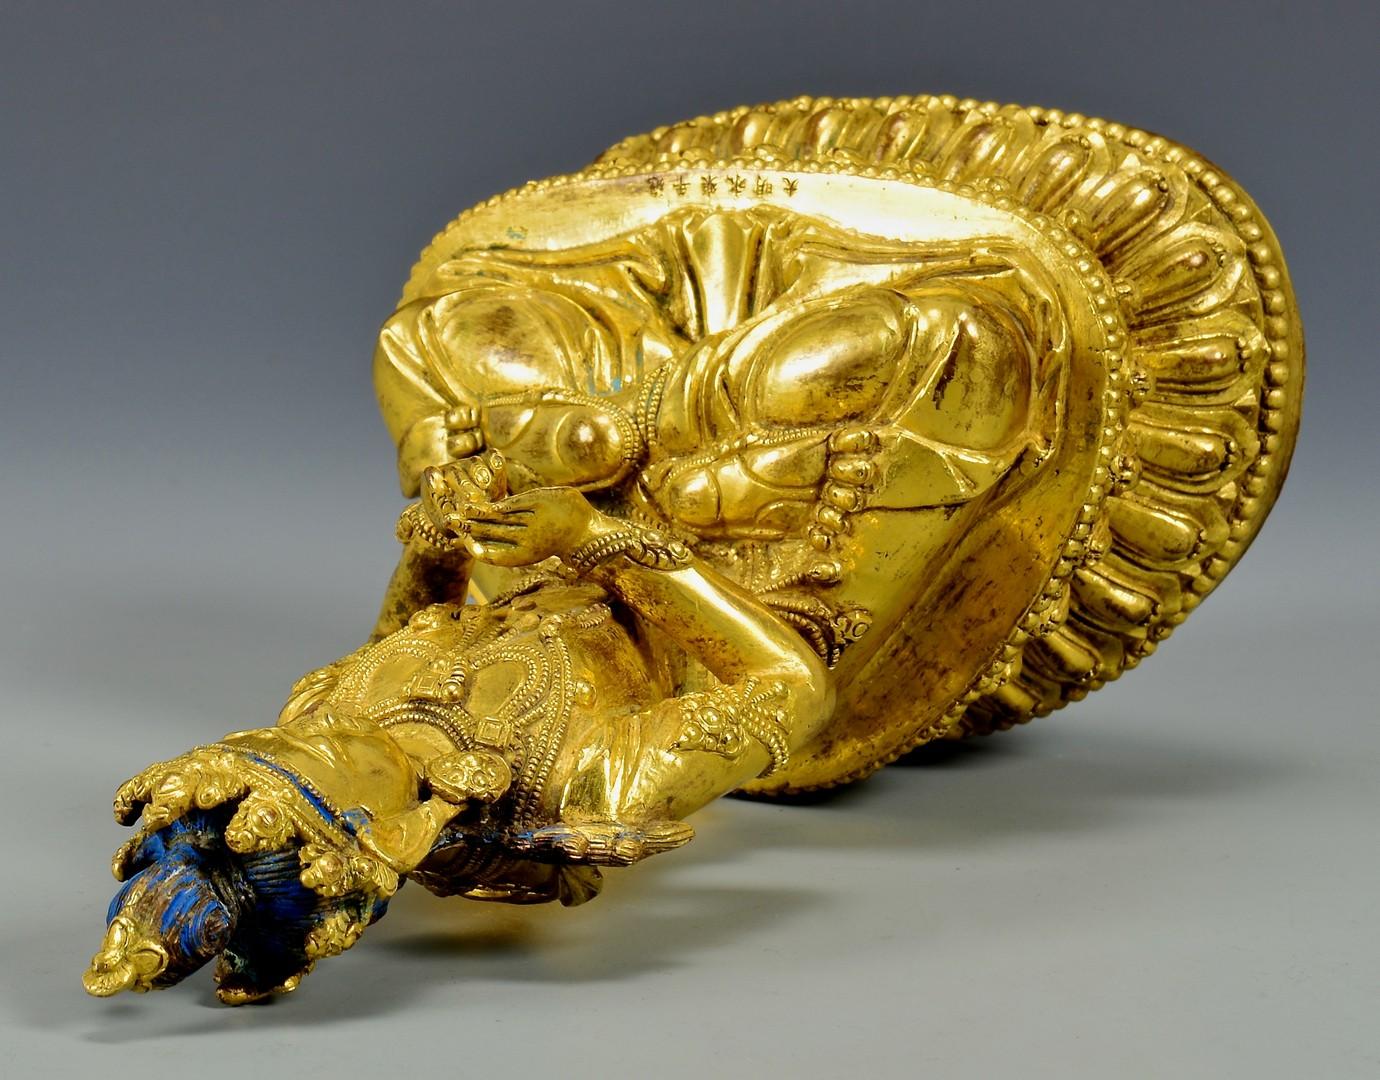 Lot 5: Gilt Buddhist Bronze Seated Sculpture